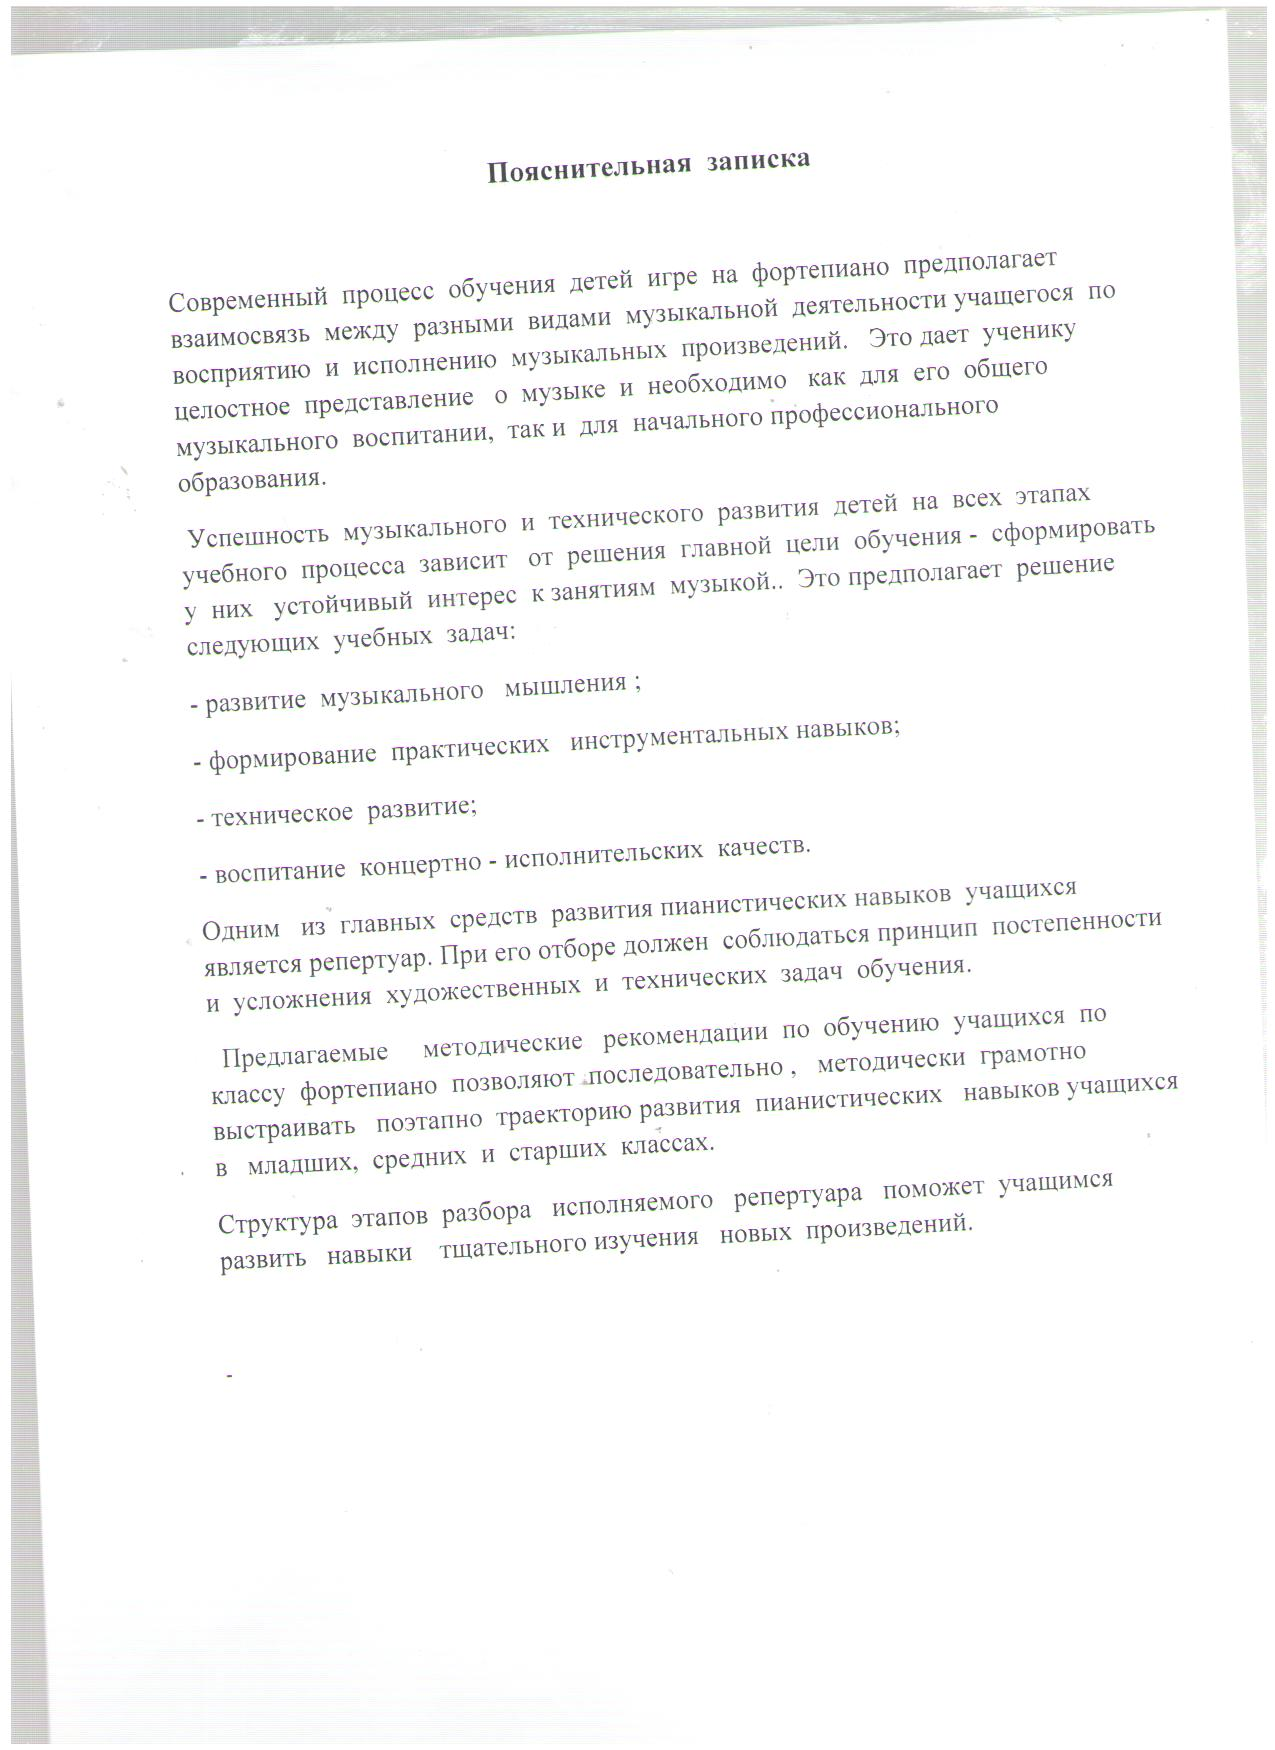 C:\Users\Нина\Desktop\Пономарева11\метод рекоменд 4.1 2 001.jpg